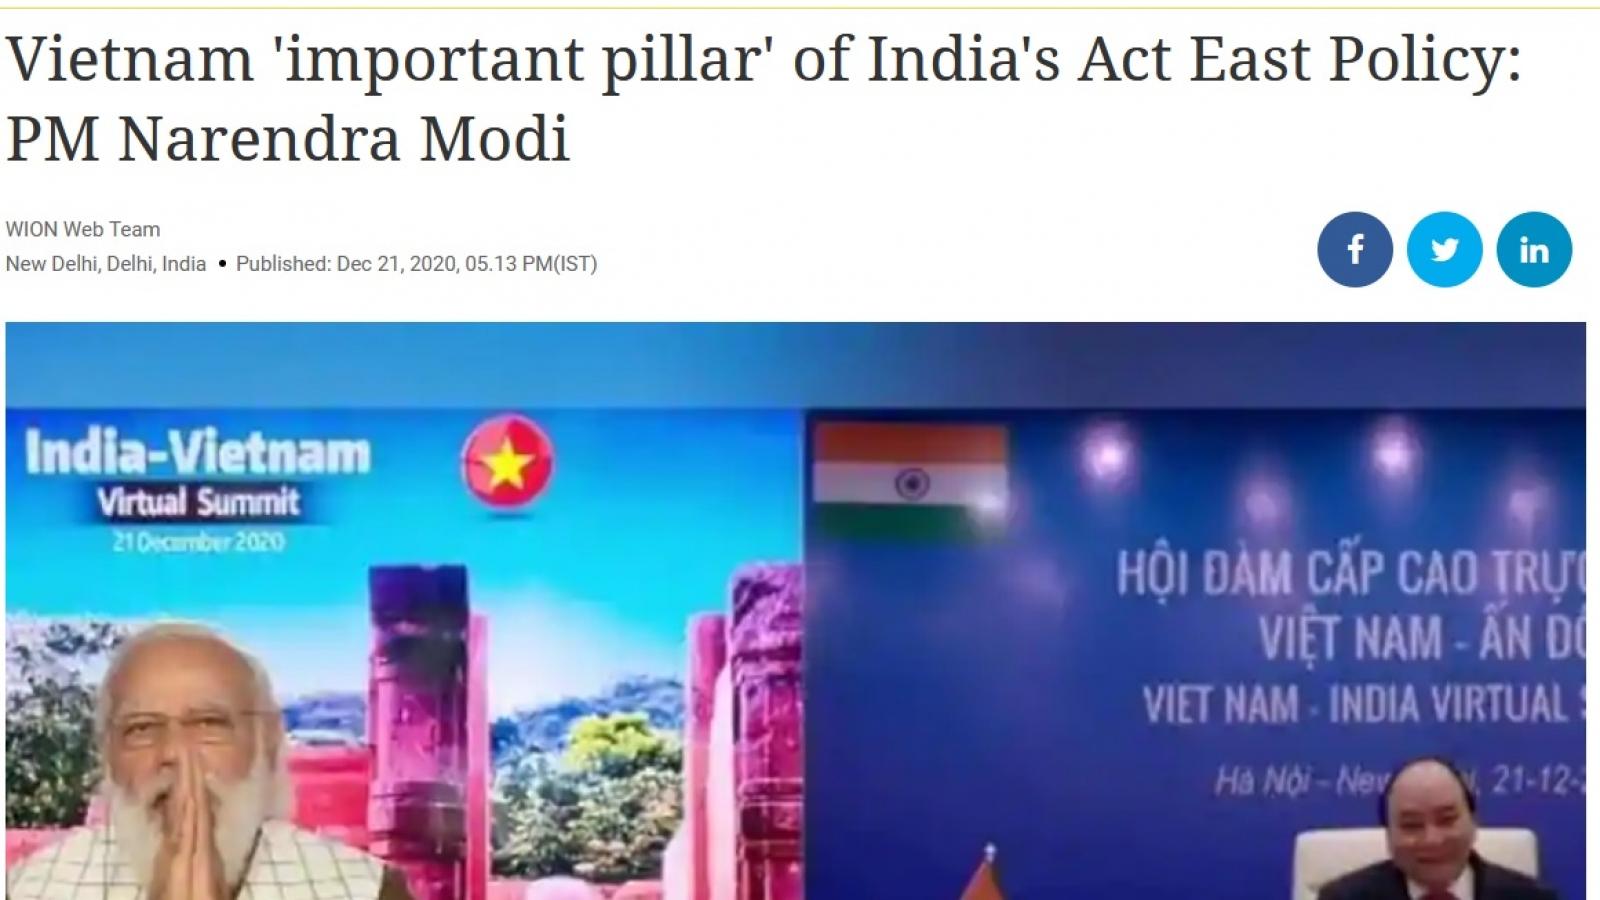 Báo Ấn Độ: Việt Nam là trụ cột trong Chính sách Hành động hướng Đông của Ấn Độ